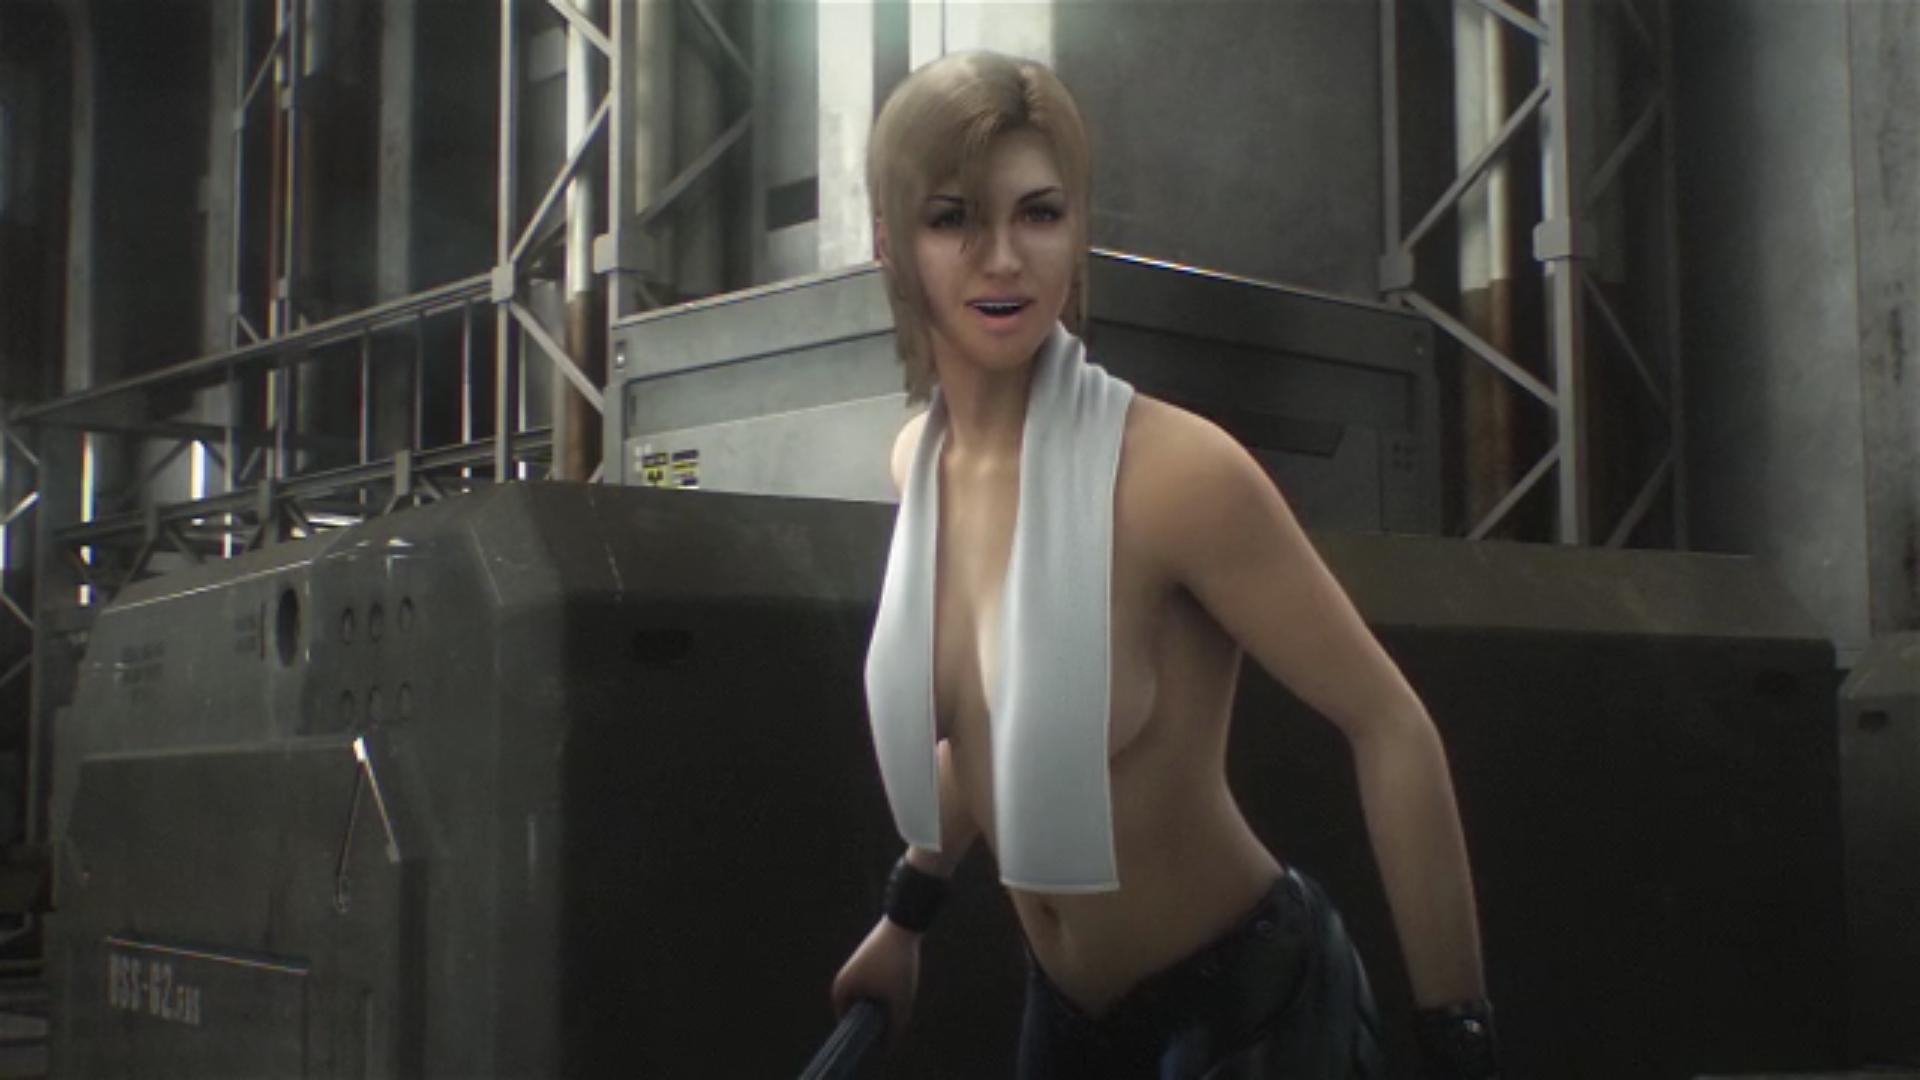 Star trek online nude hentai comics